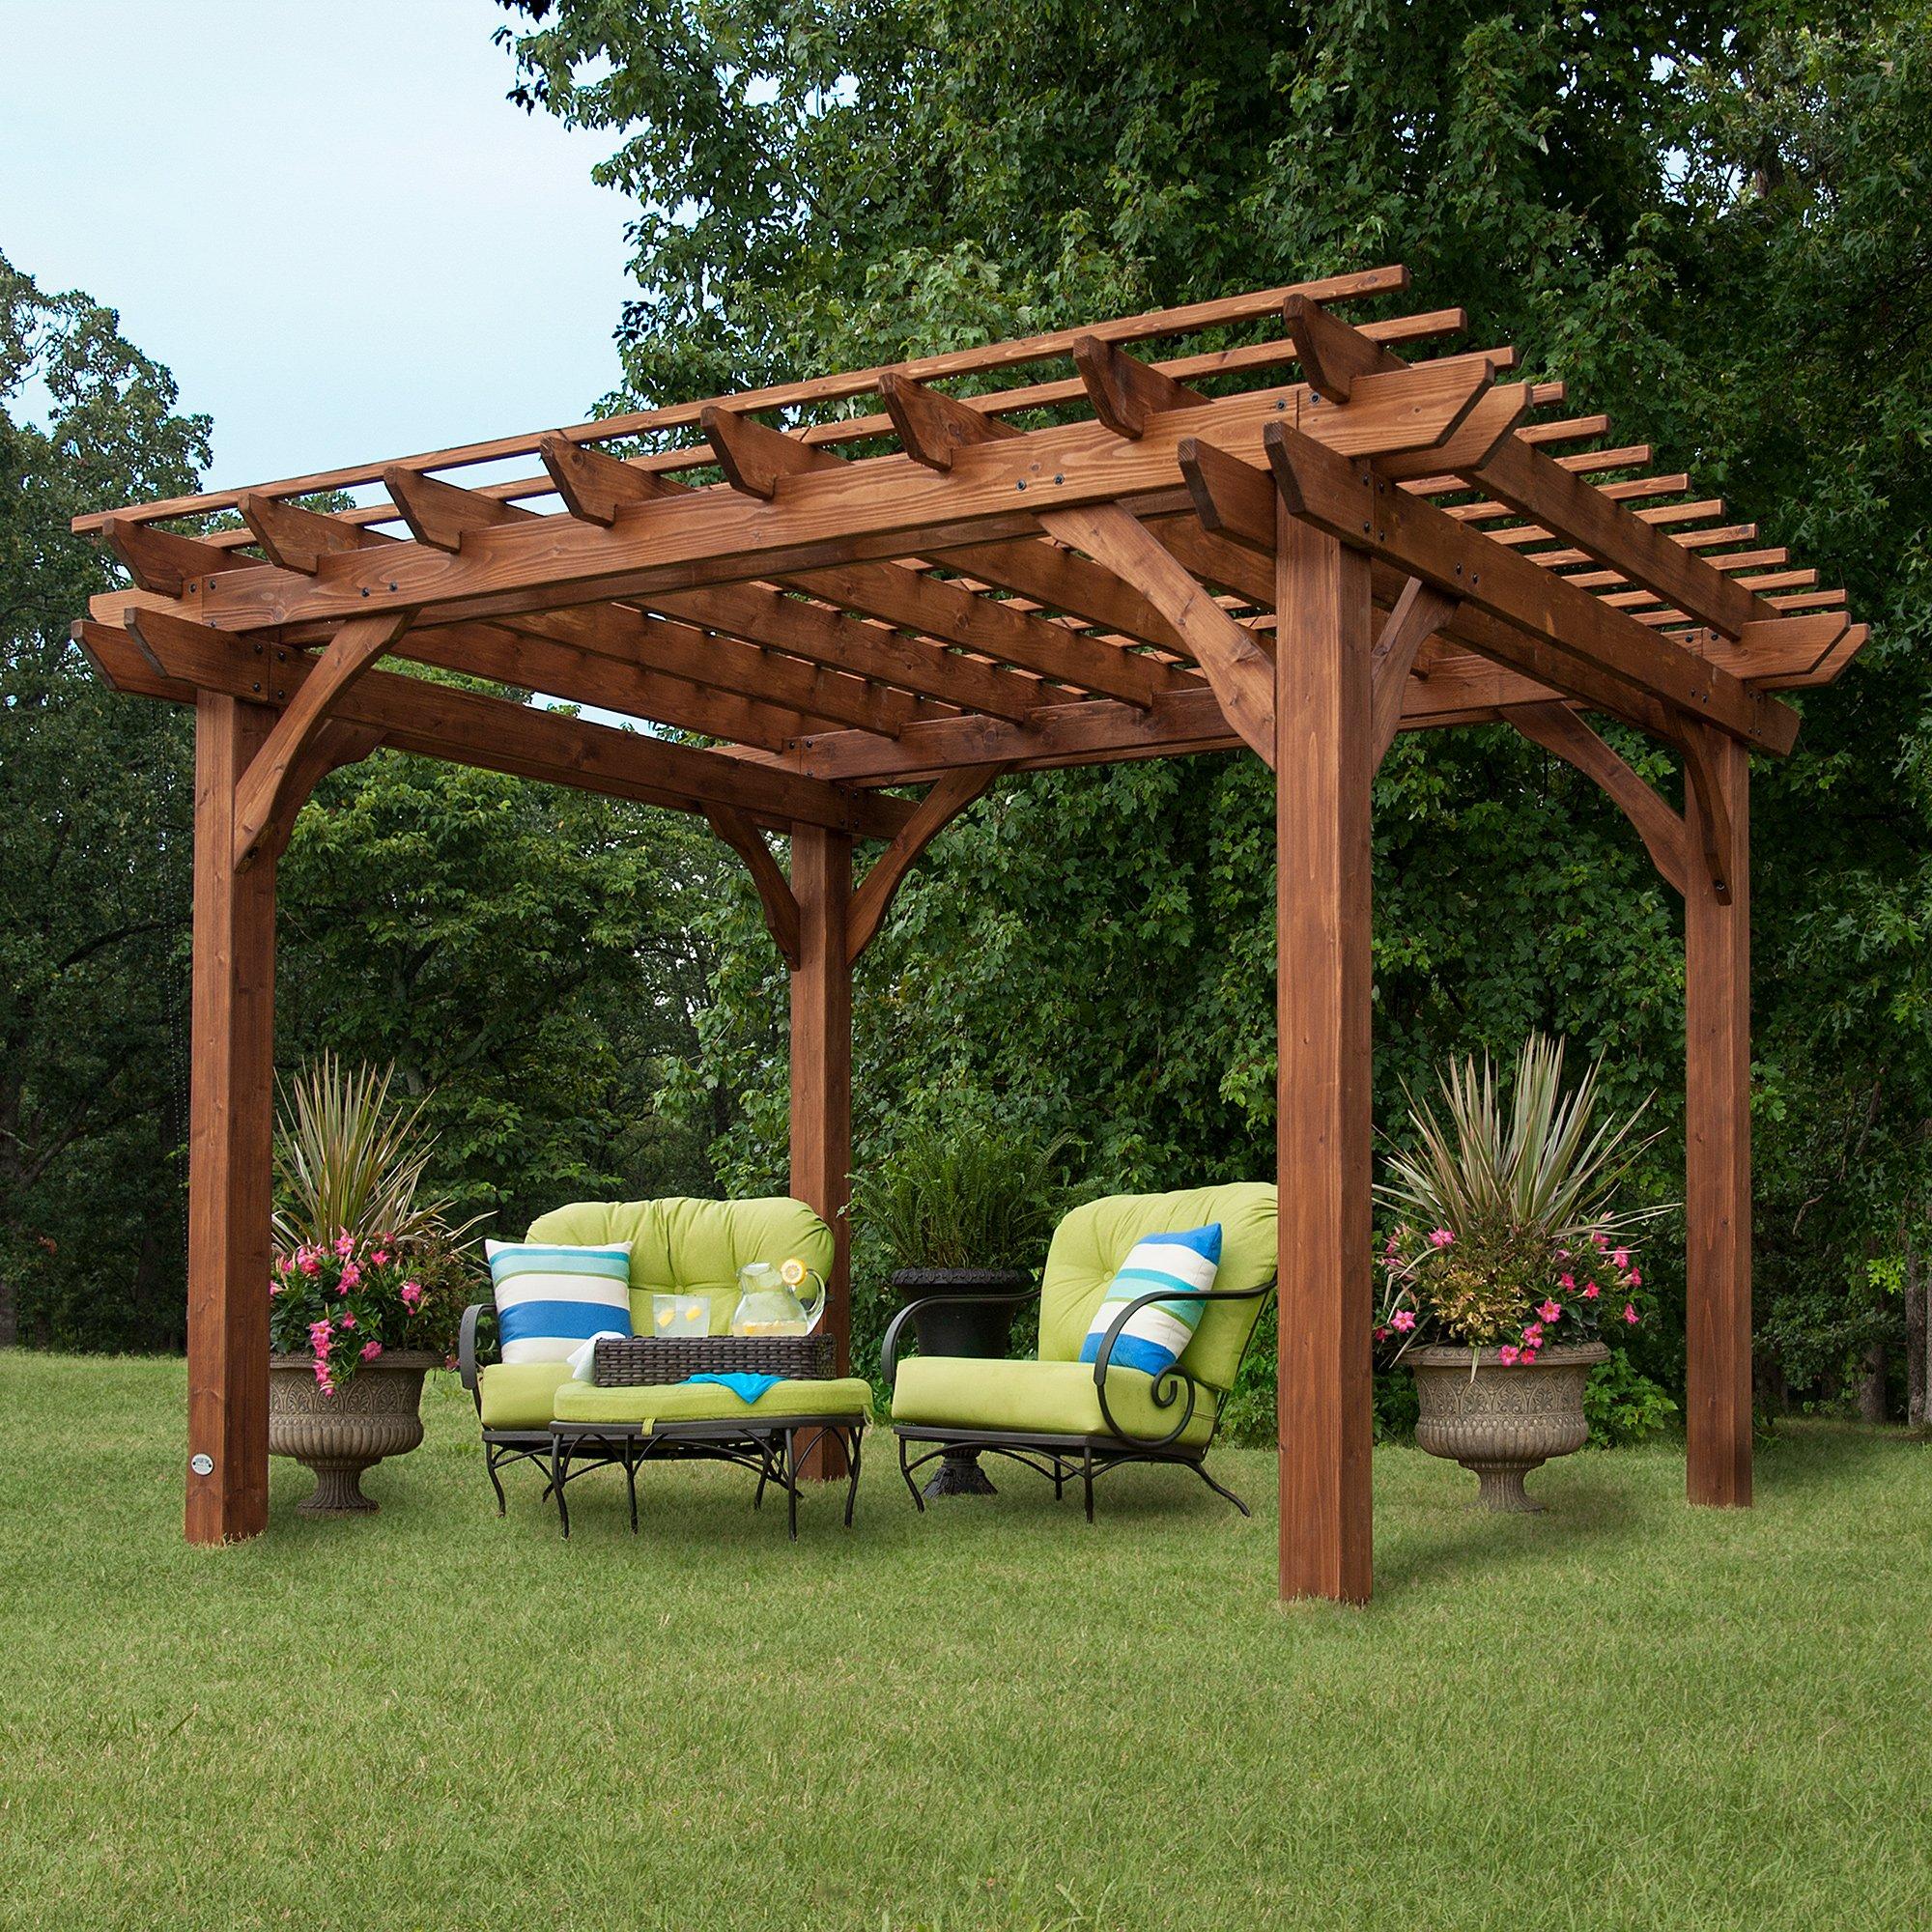 Backyard descubrimiento Cedar Pergola 12 x 10 montaje incluido: Amazon.es: Jardín